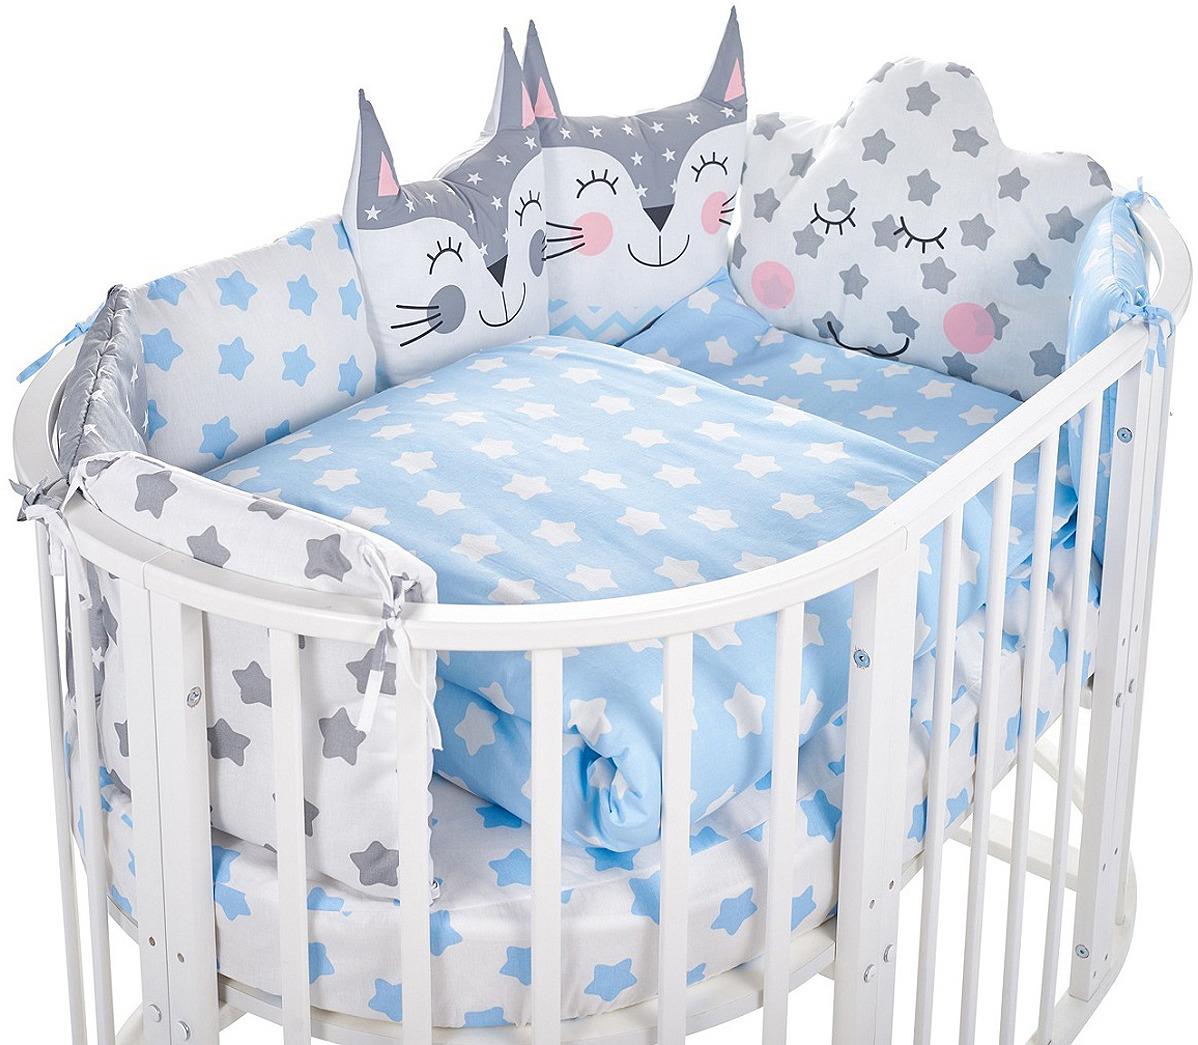 Комплект в кроватку Sweet Baby Gioia Blu, 423287, голубой, 5 предметов комплект в кроватку sweet baby uccellino turchese 420985 бирюзовый 10 предметов